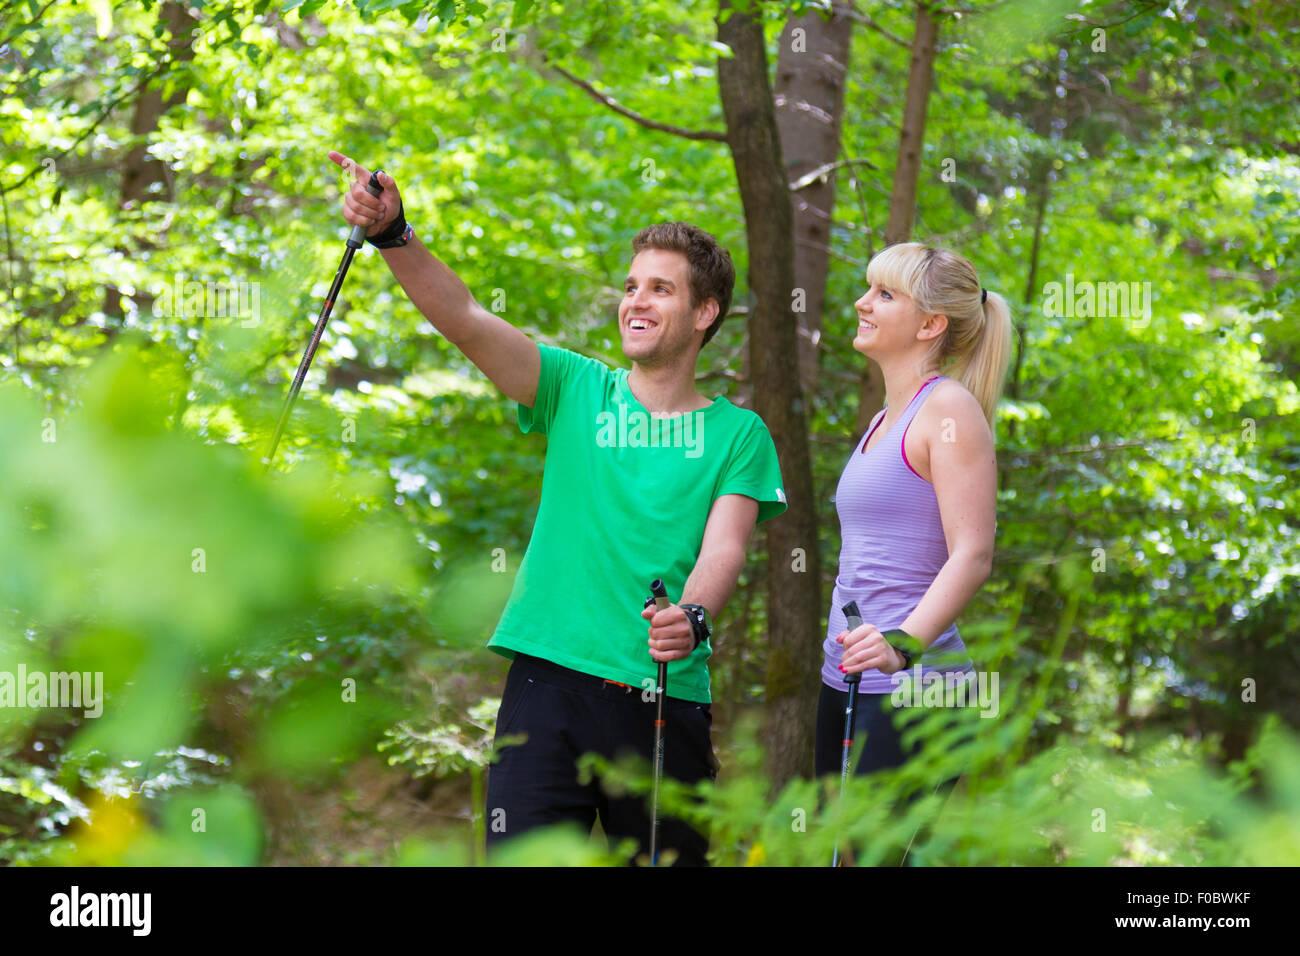 Mode de vie dans la nature. Photo Stock